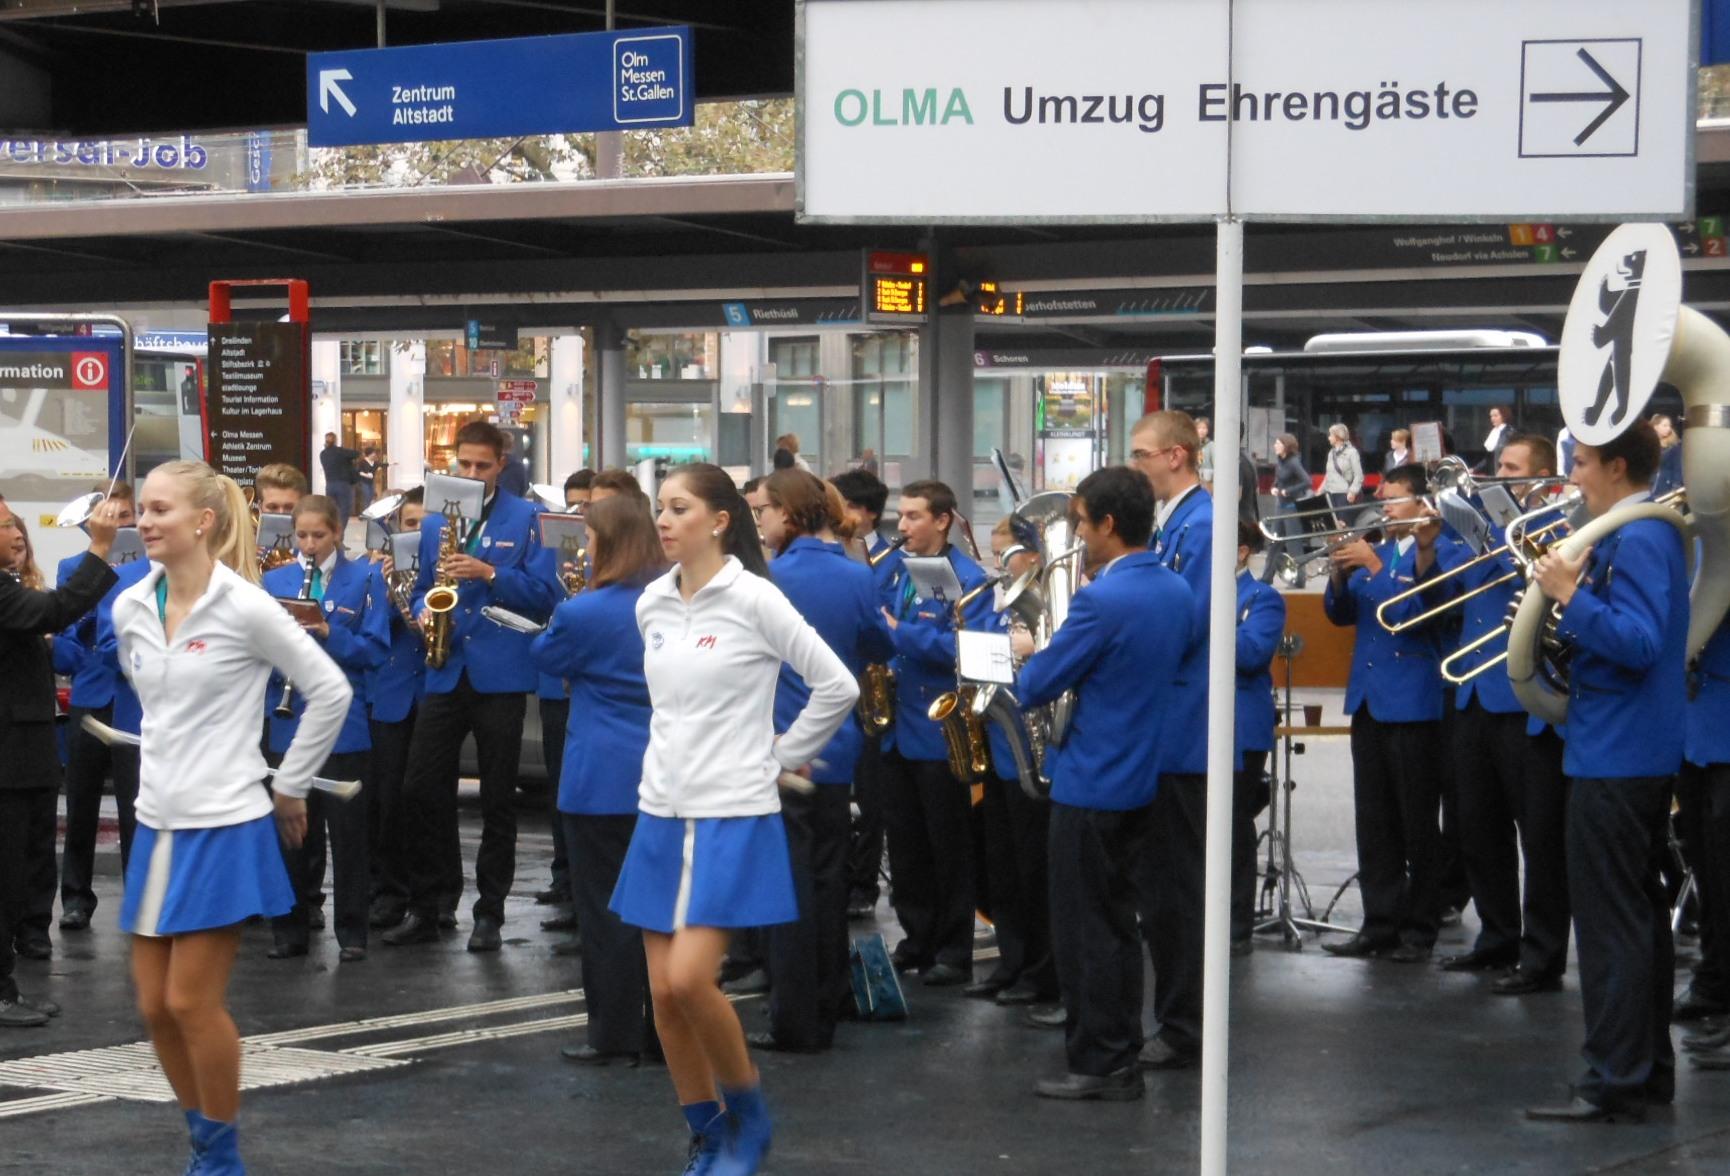 Als ob es zwar Städte, aber keine urbane Kultur gäbe: Luzern zeigt sich an der Olma konservativ.